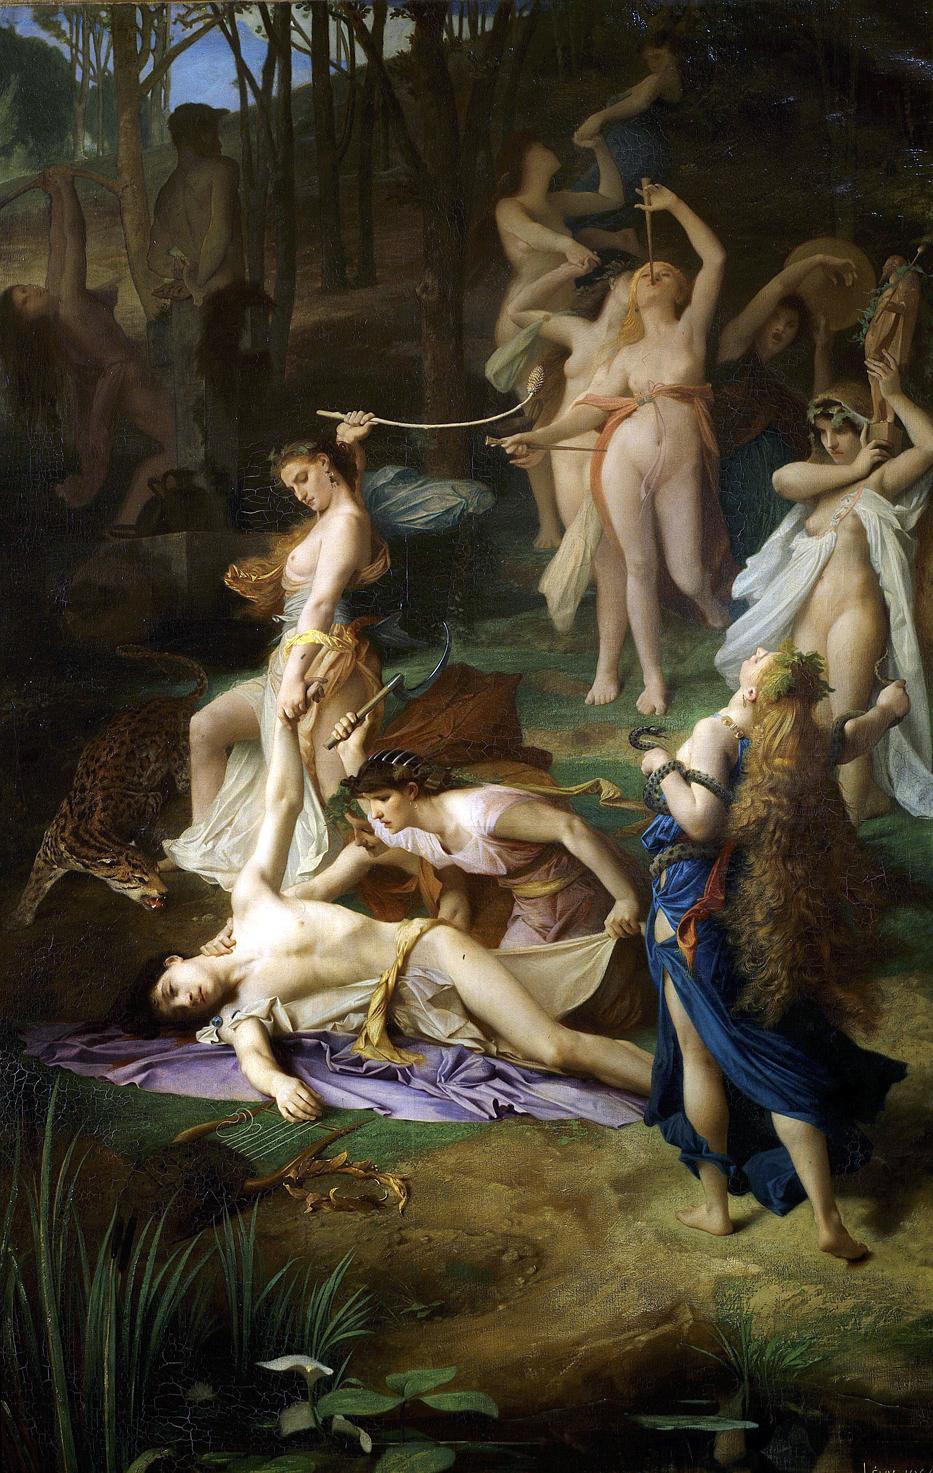 Death of Orpheus, by Émile Lévy, 1866.